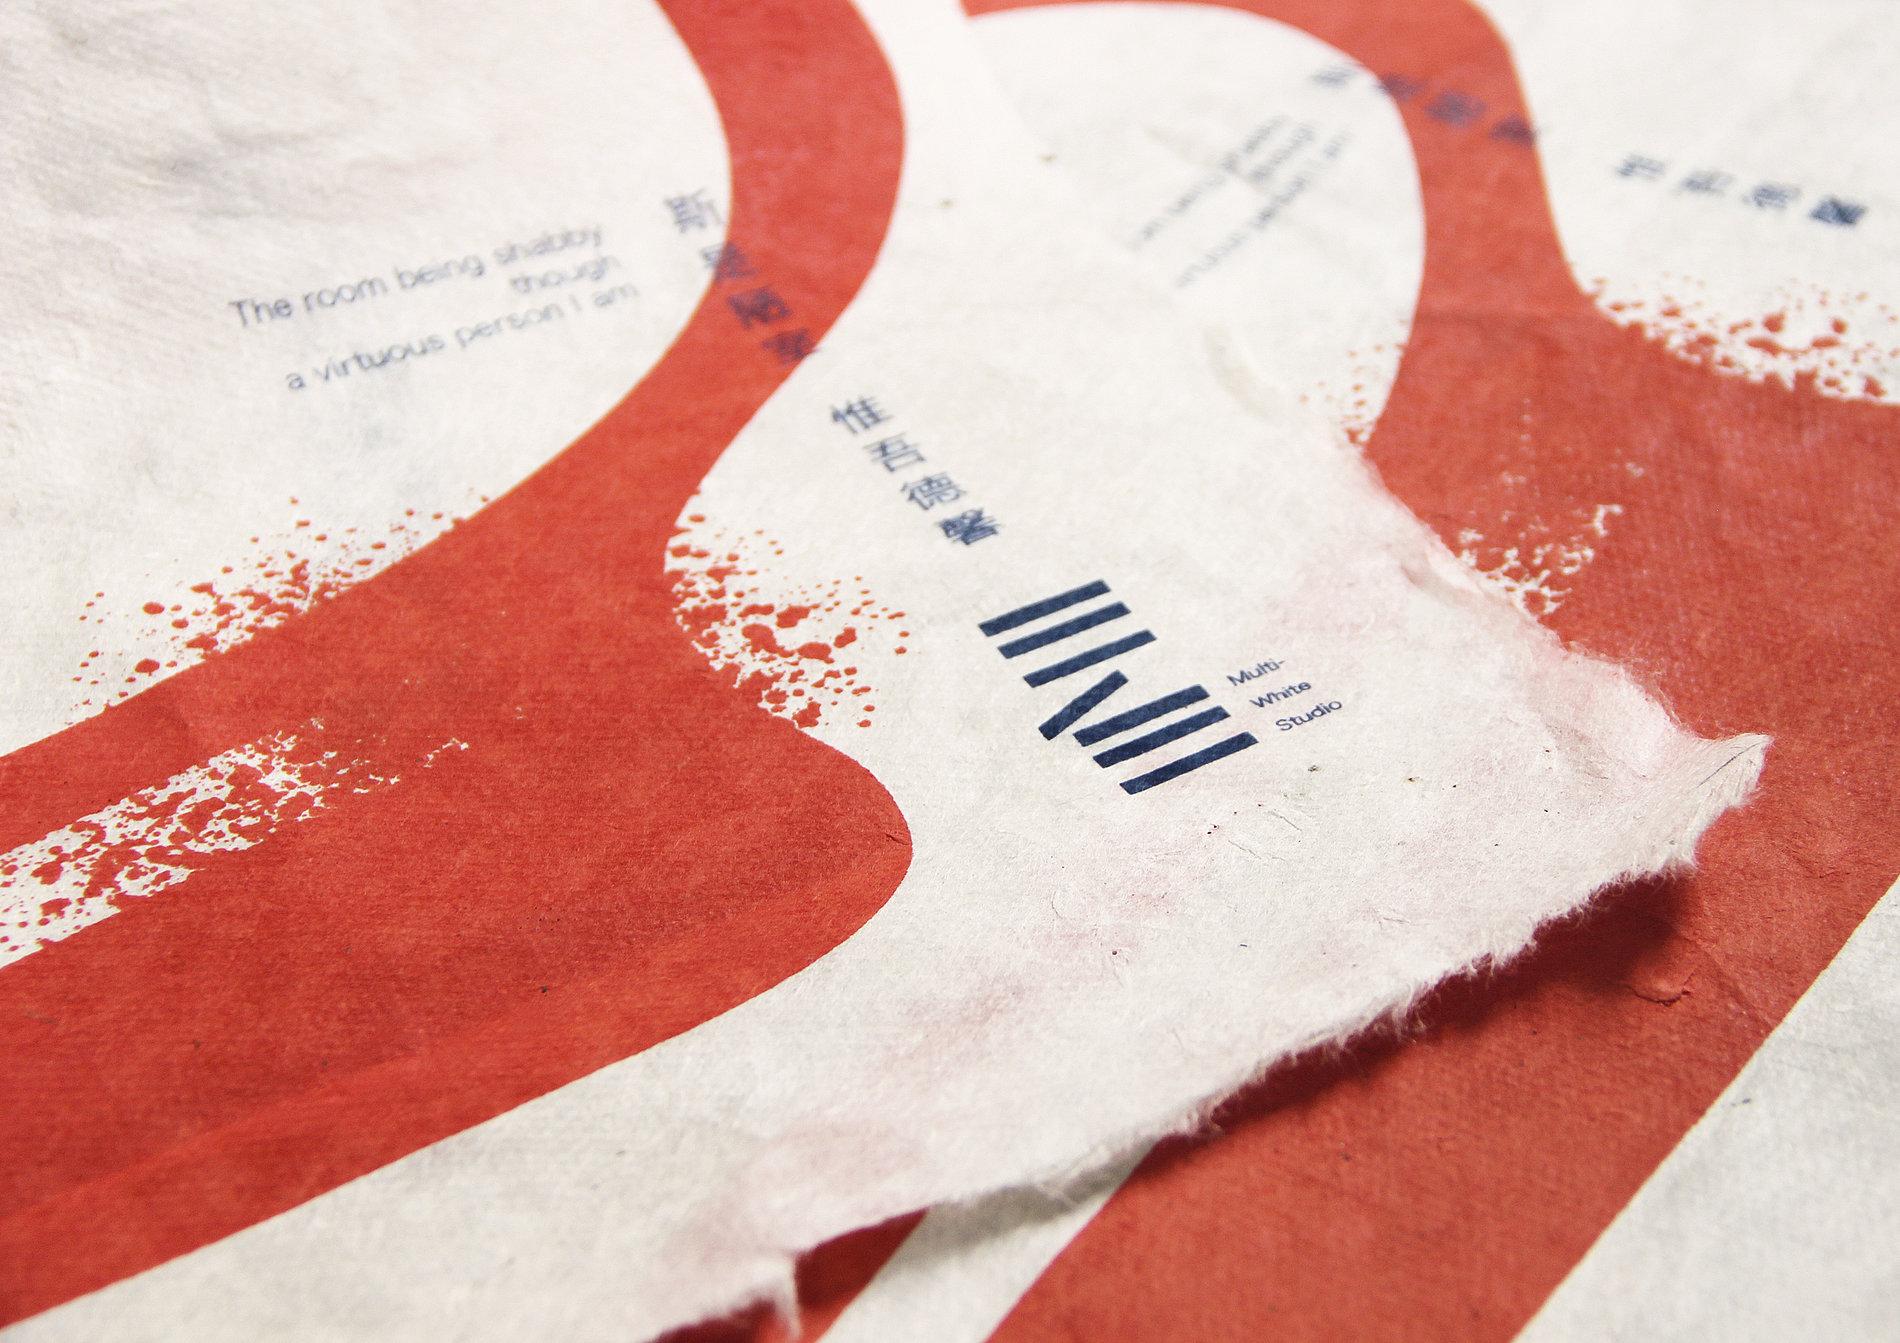 Praise of the Shabby Room | Red Dot Design Award